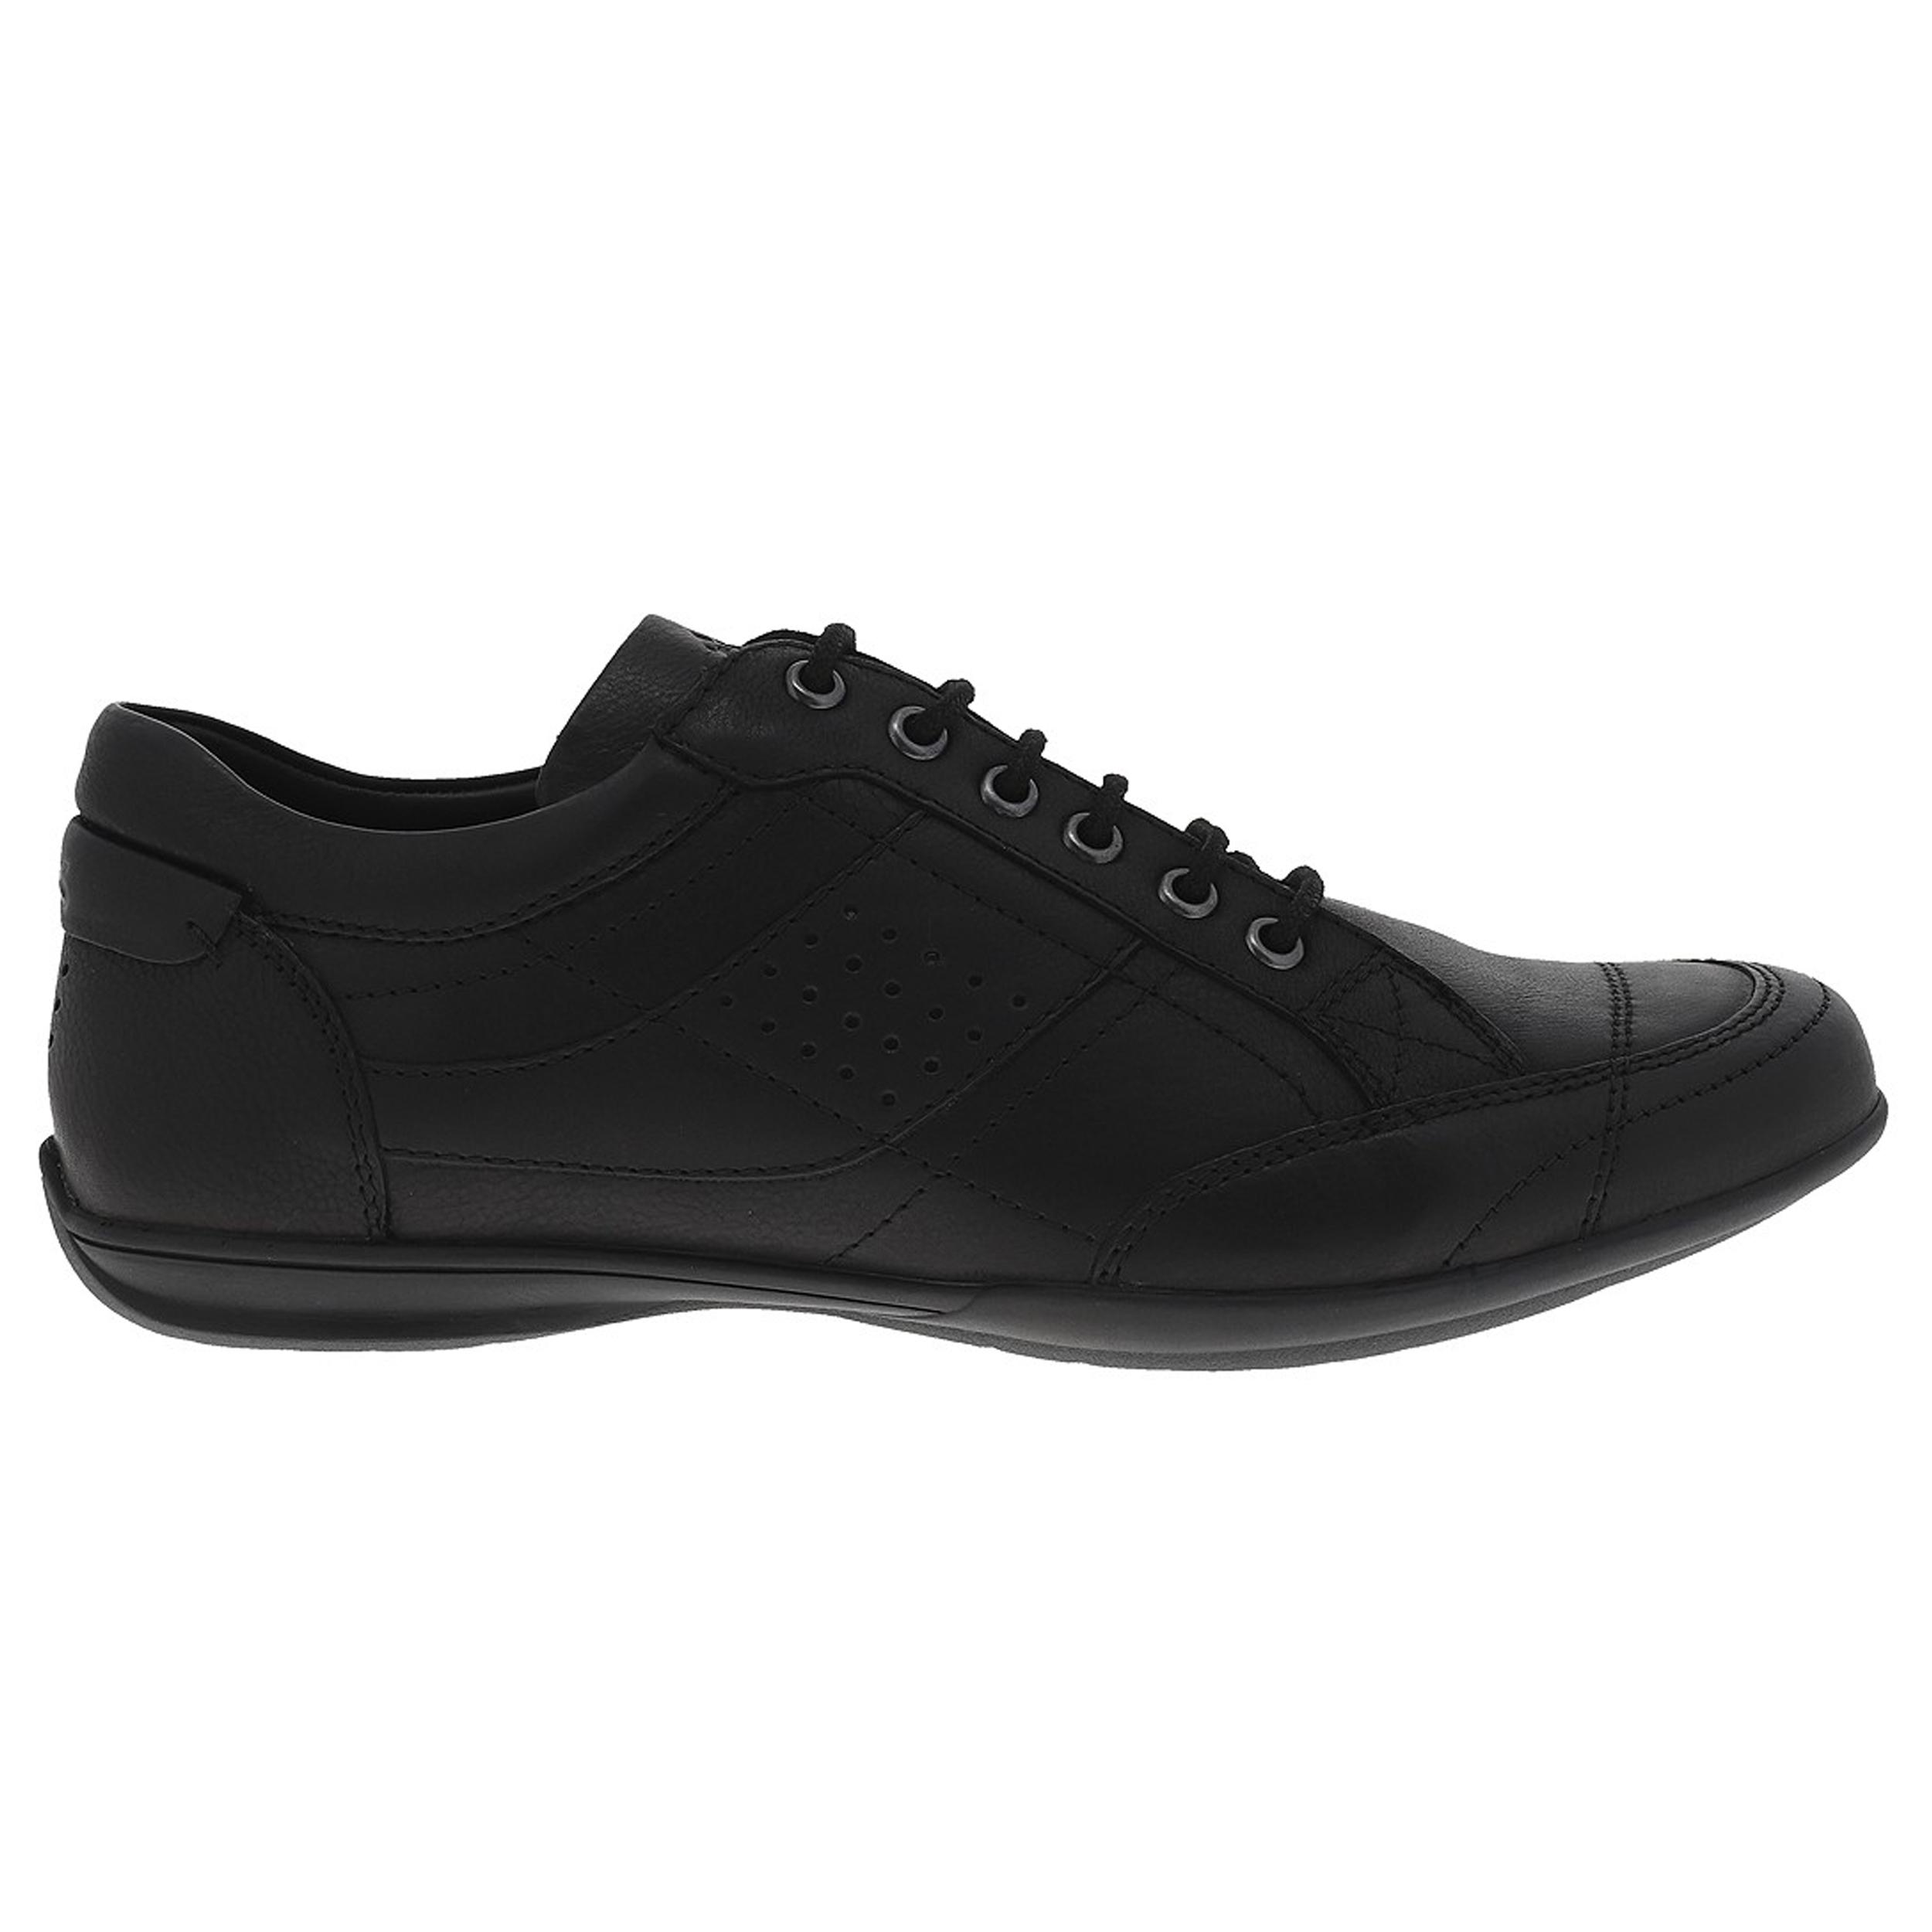 Chaussures TBS Tumbler en cuir noir. - Cuir- Noire- Lacets noirs